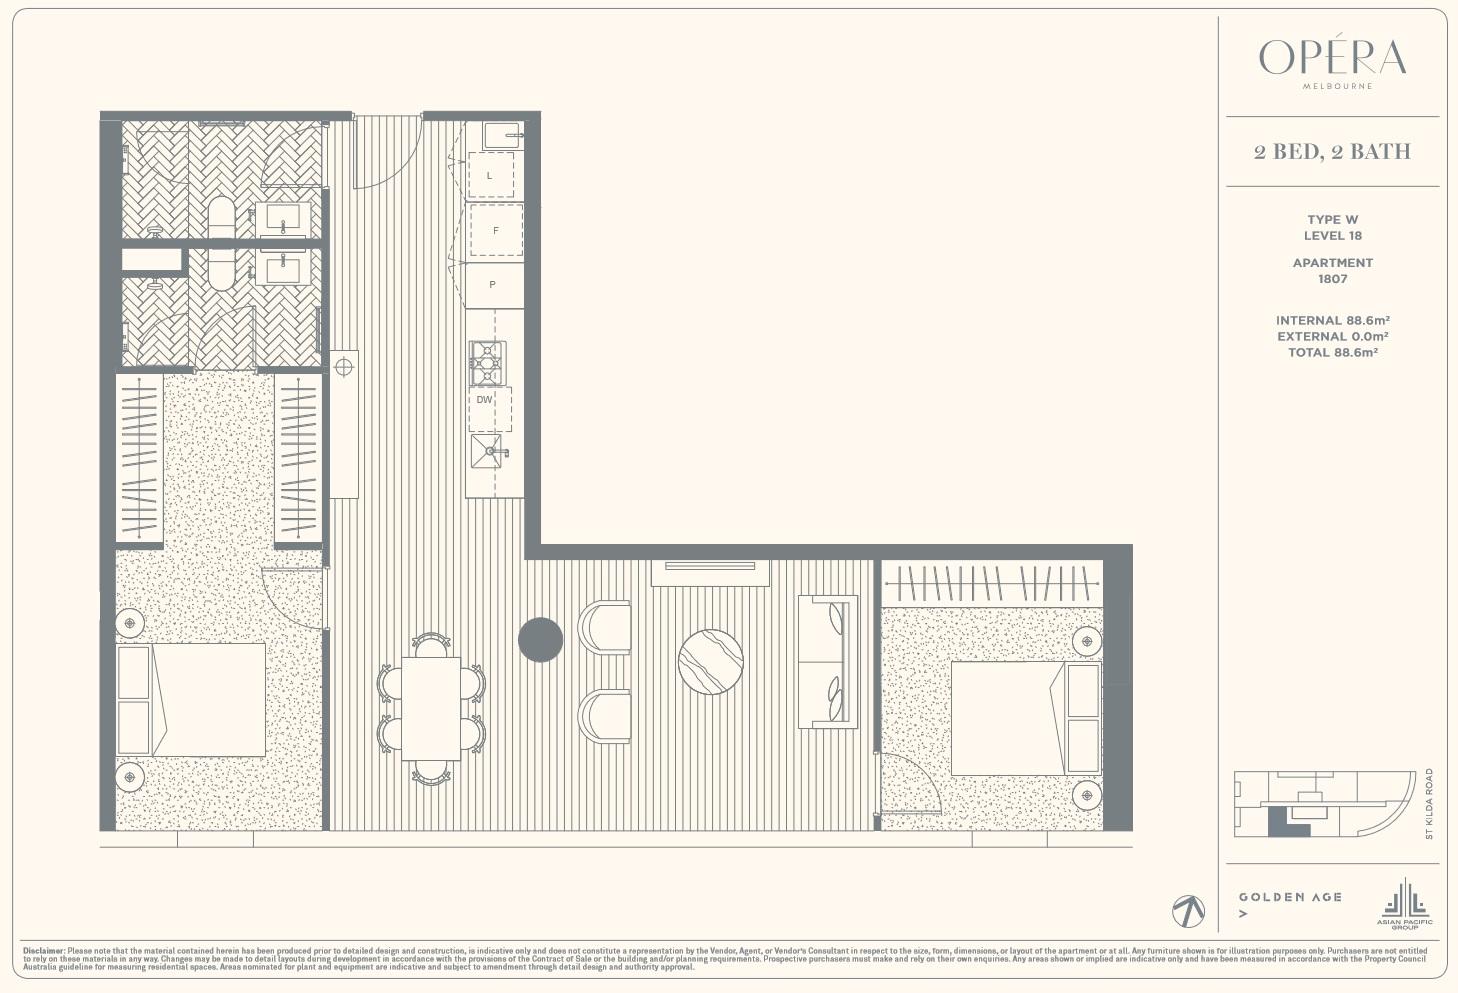 Floor Plan Type W - 2Bed2Bath